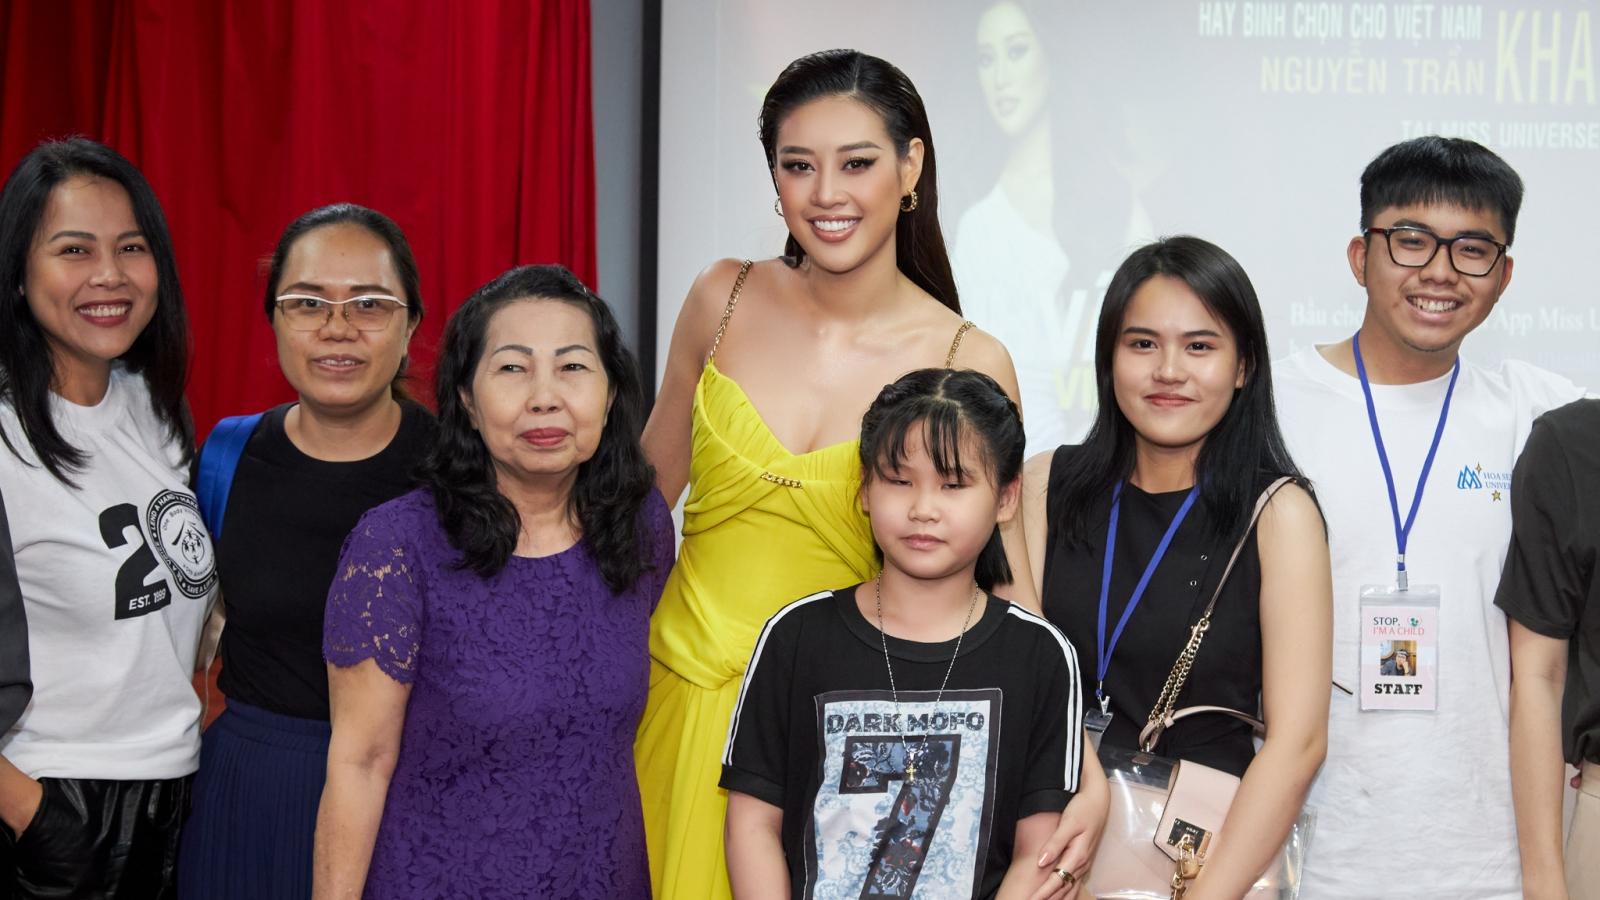 Hoa hậu Khánh Vân xúc động nhớ lại những chuyến đi giải cứu trẻ em gái bị xâm hại